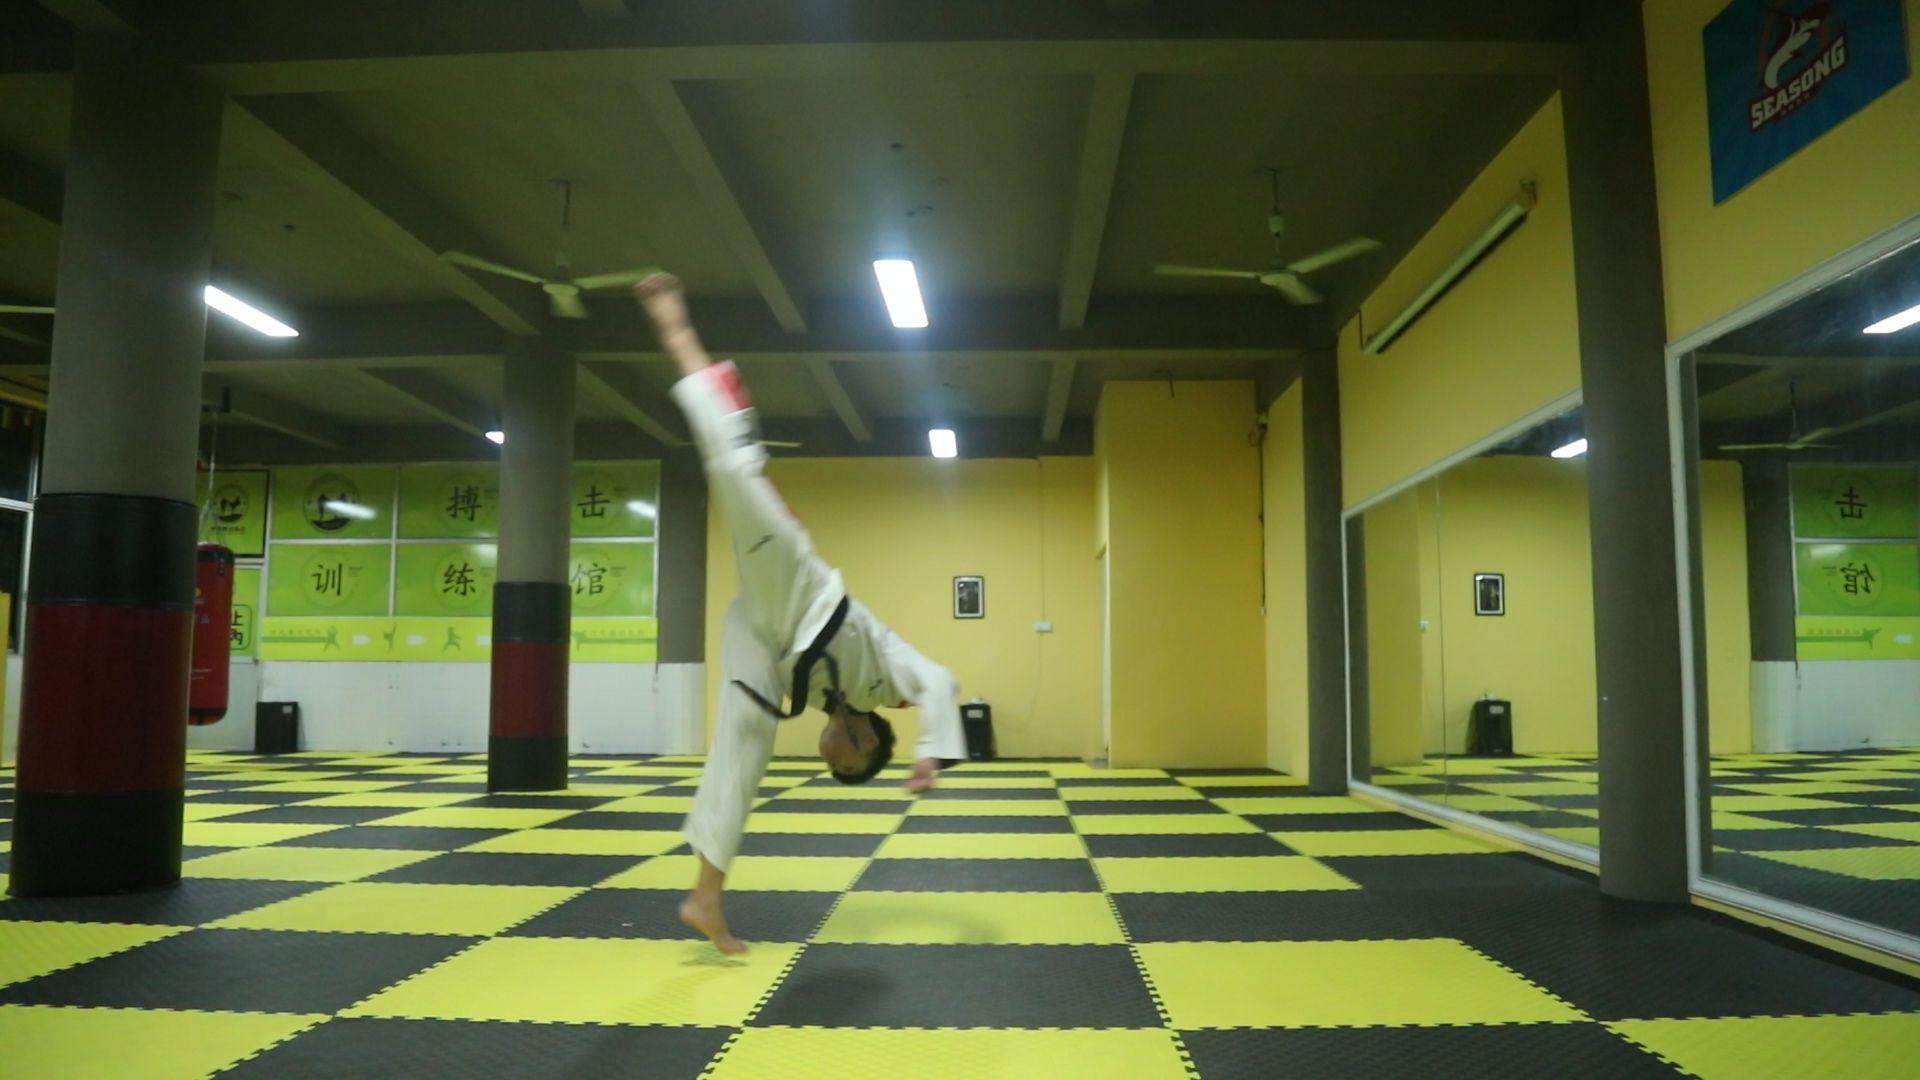 四向体育馆(平潭城东中学分校)